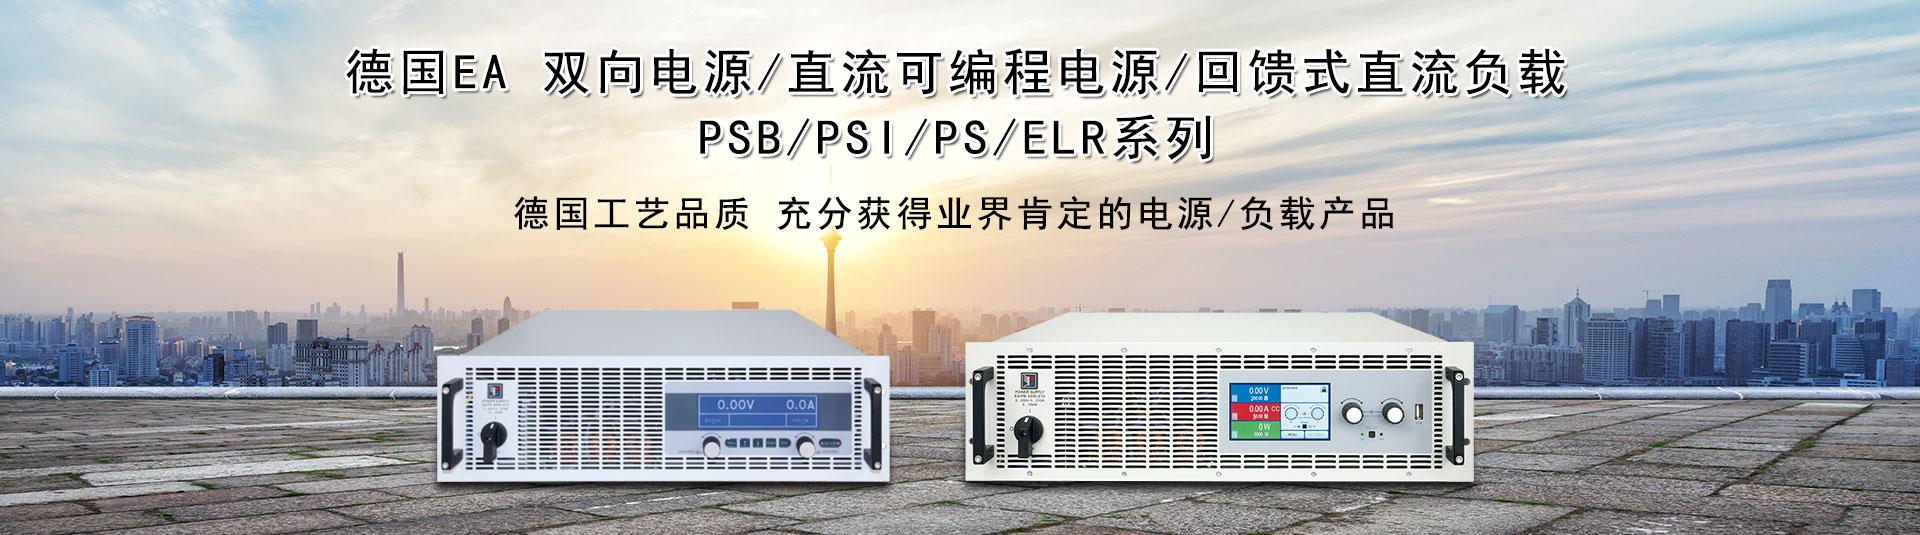 宇捷弘业德国EA电源电子负载PSI-PSB-PS